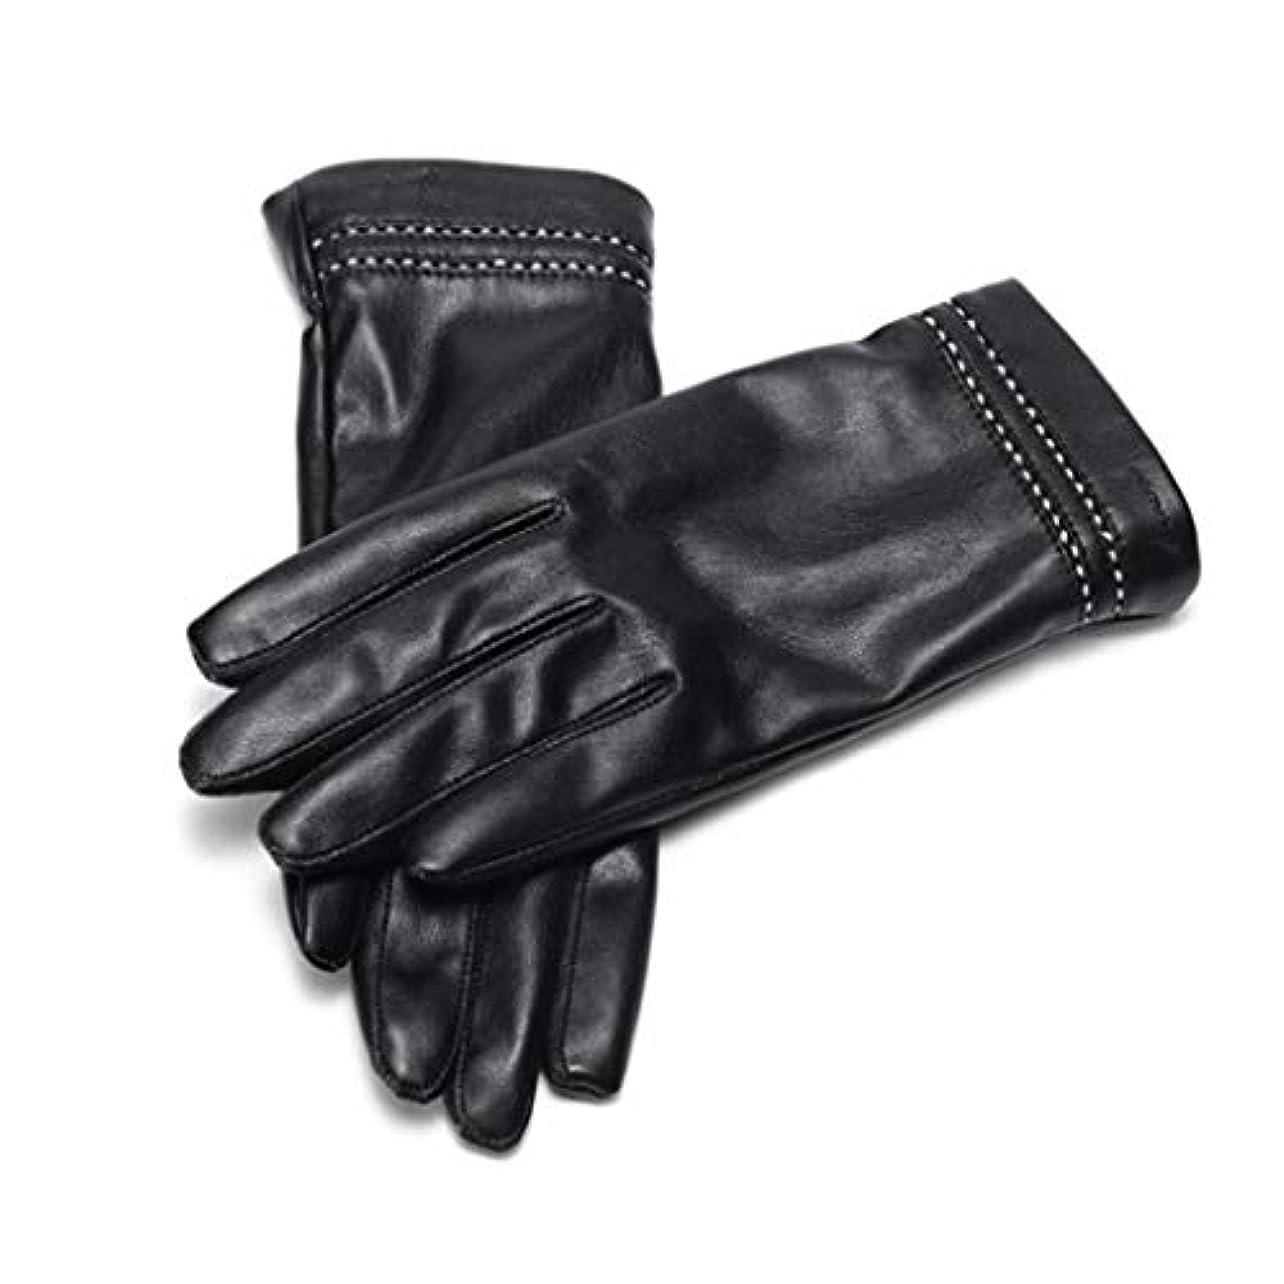 くさびシンボル境界女性の革手袋秋と冬のファッションプラスベルベット暖かい滑り止めのタッチスクリーン革手袋の女性671141003黒